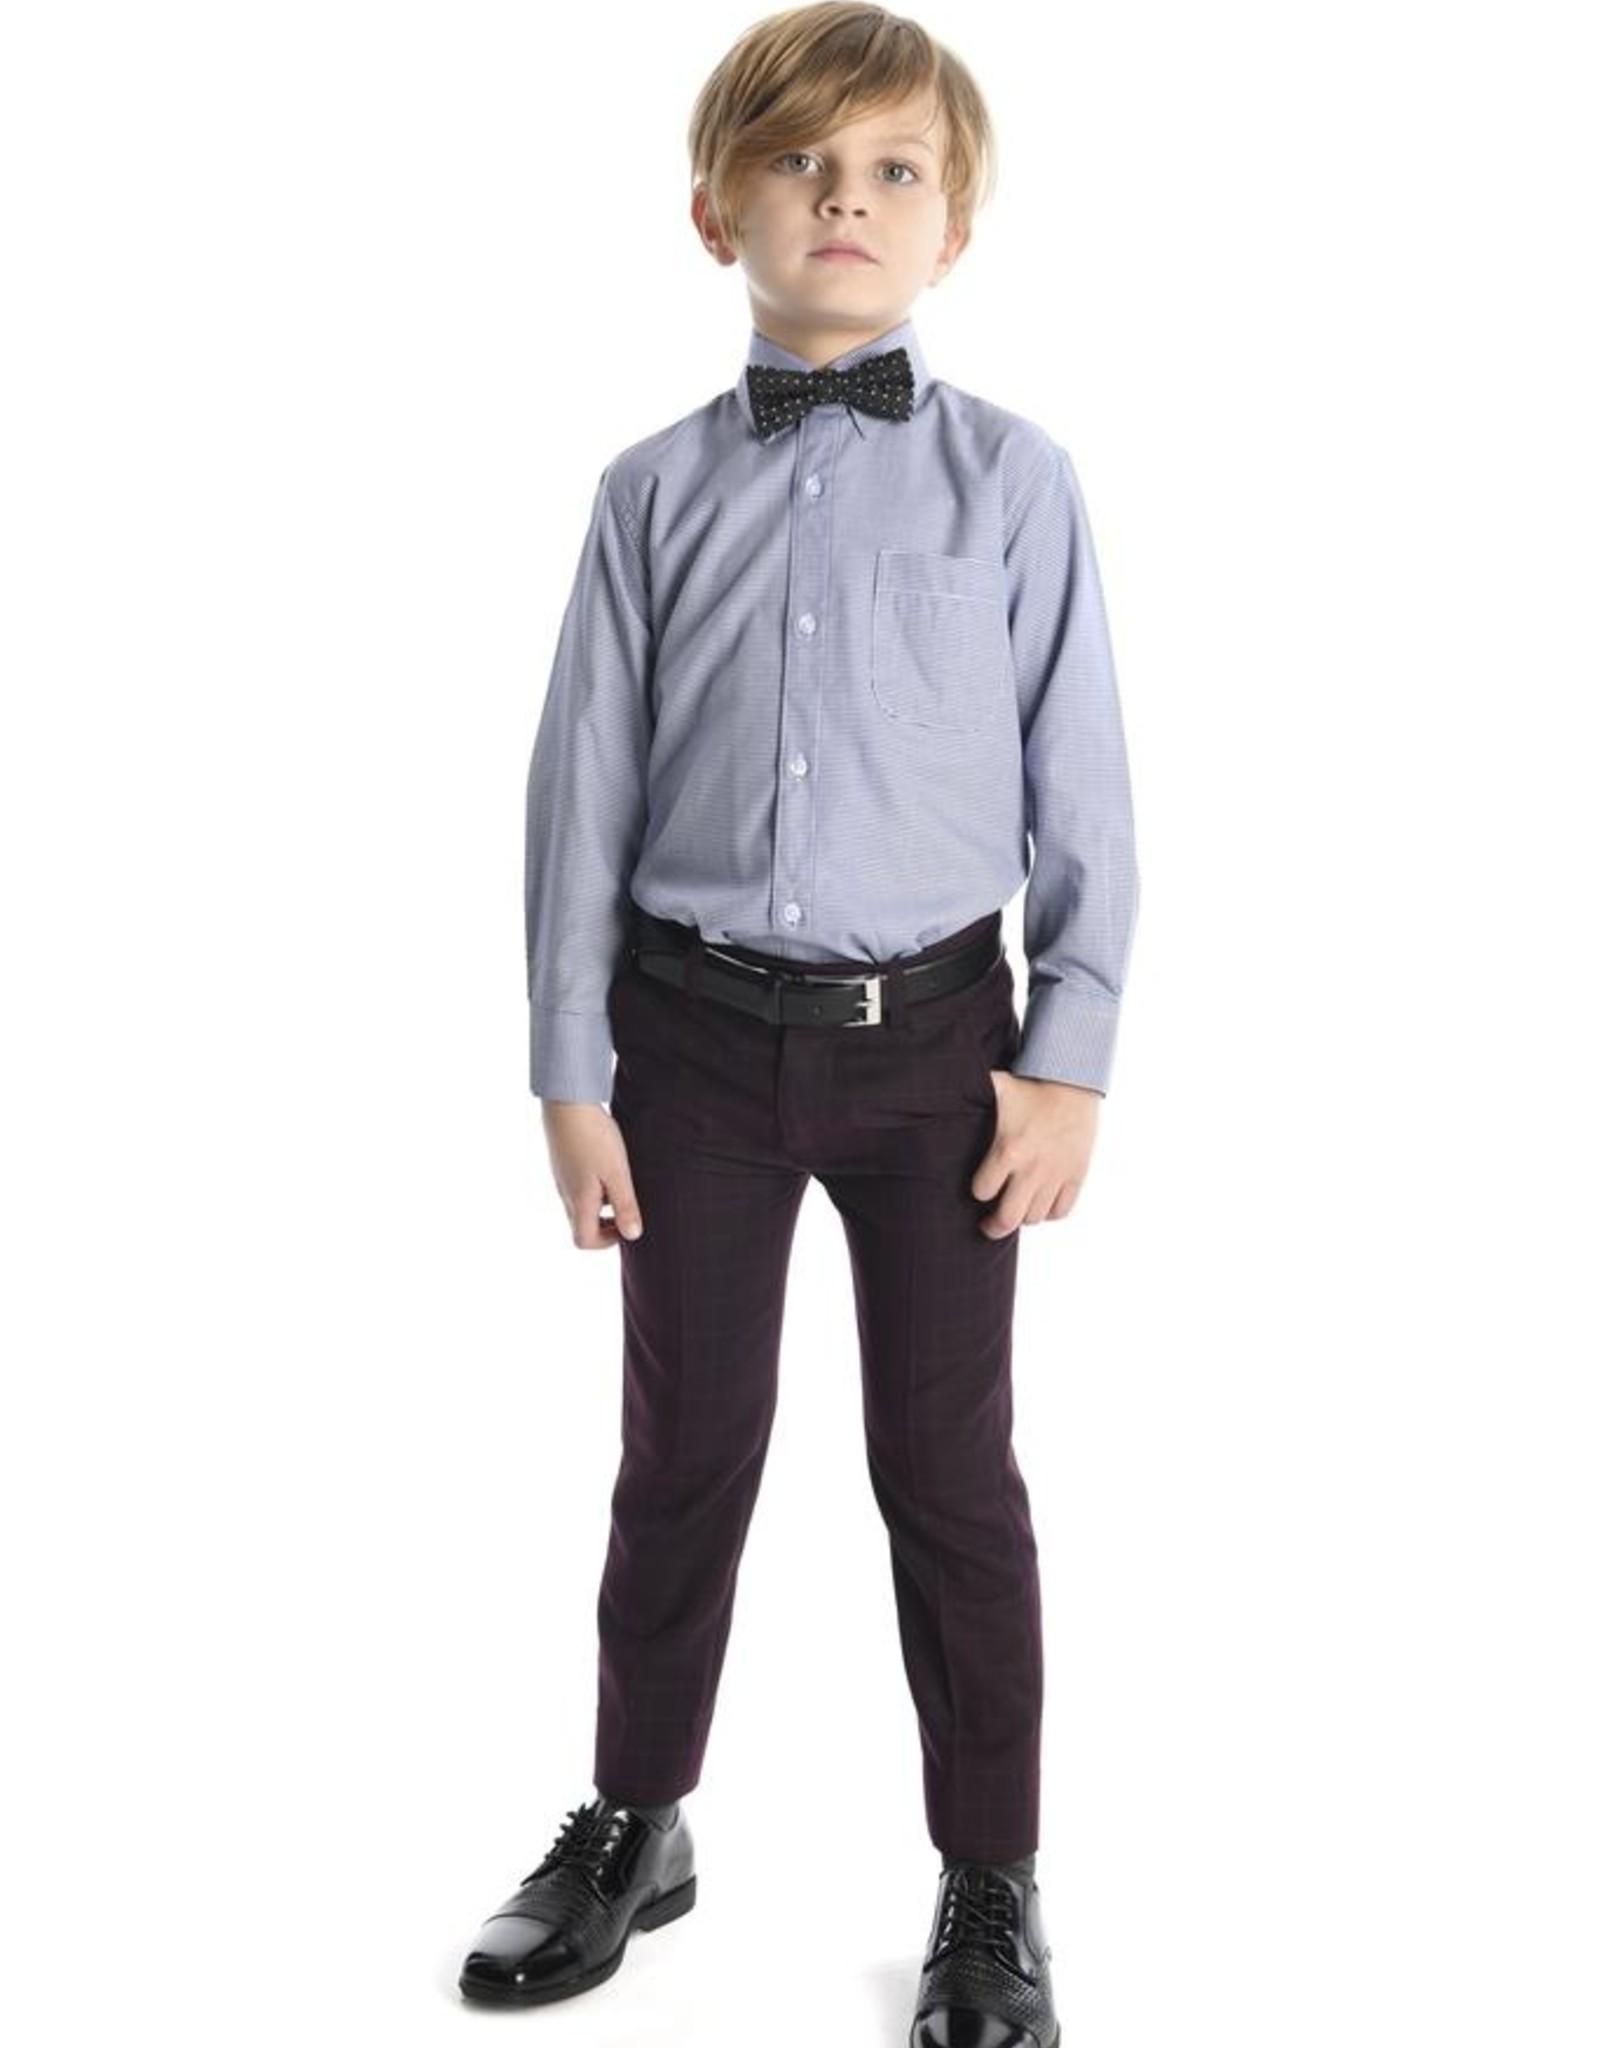 Appaman The Standard Shirt for Boy